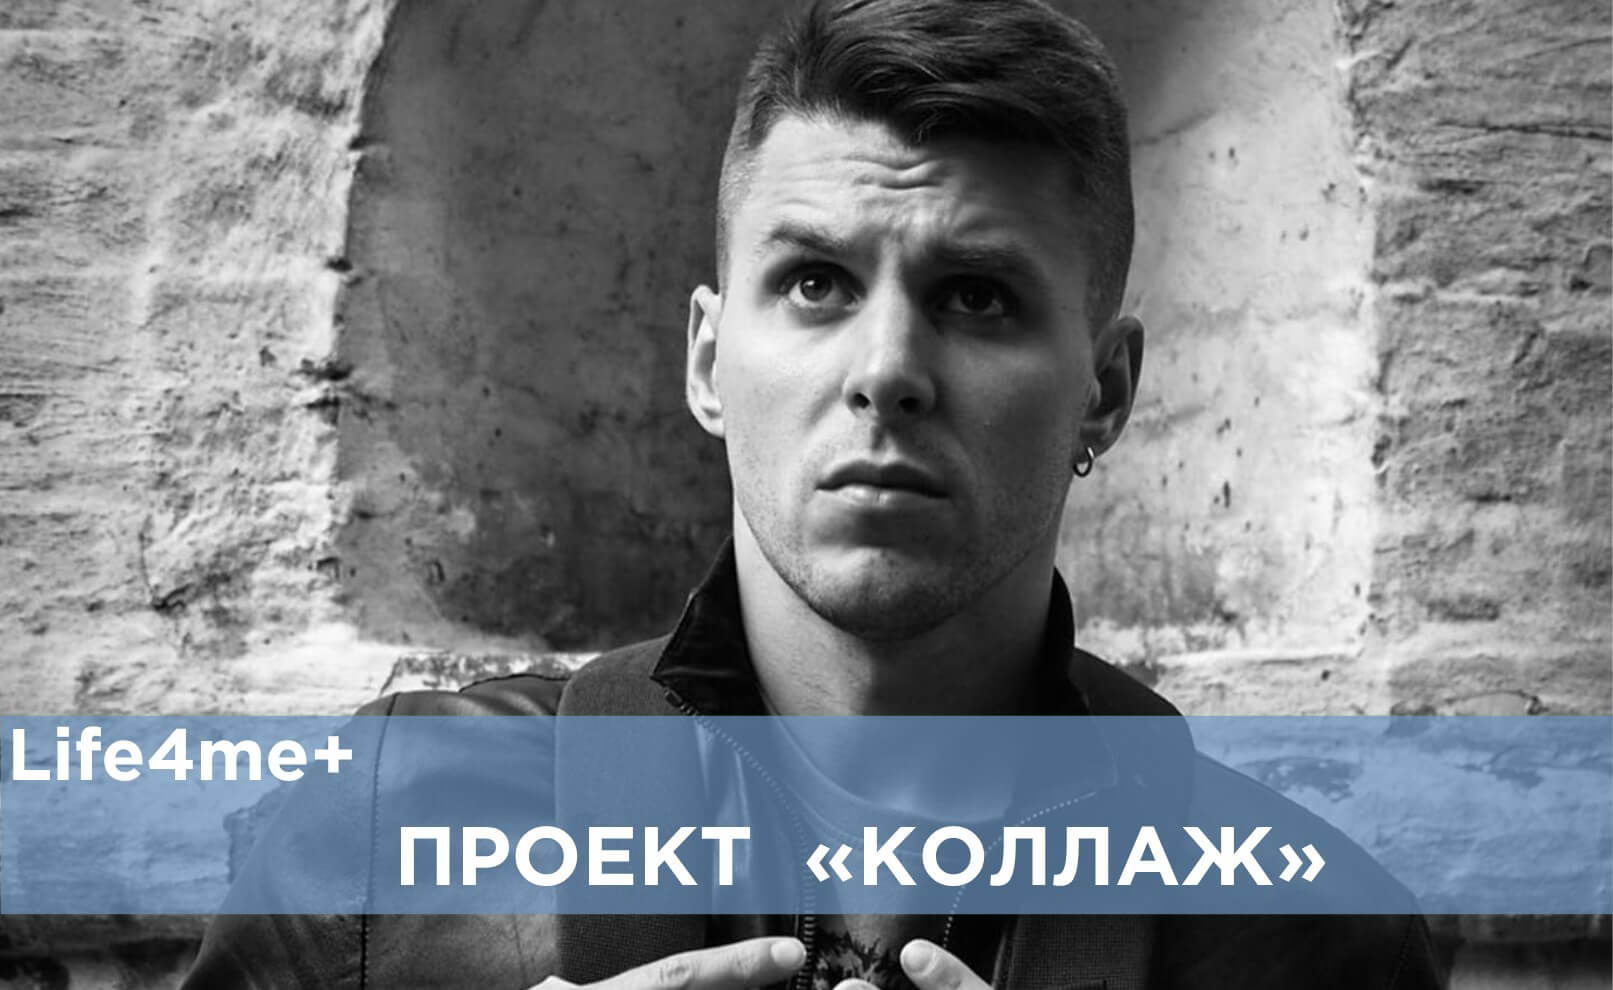 """Коллаж: """"Я просто человек с интересной работой"""", - Дмитрий - изображение 1"""